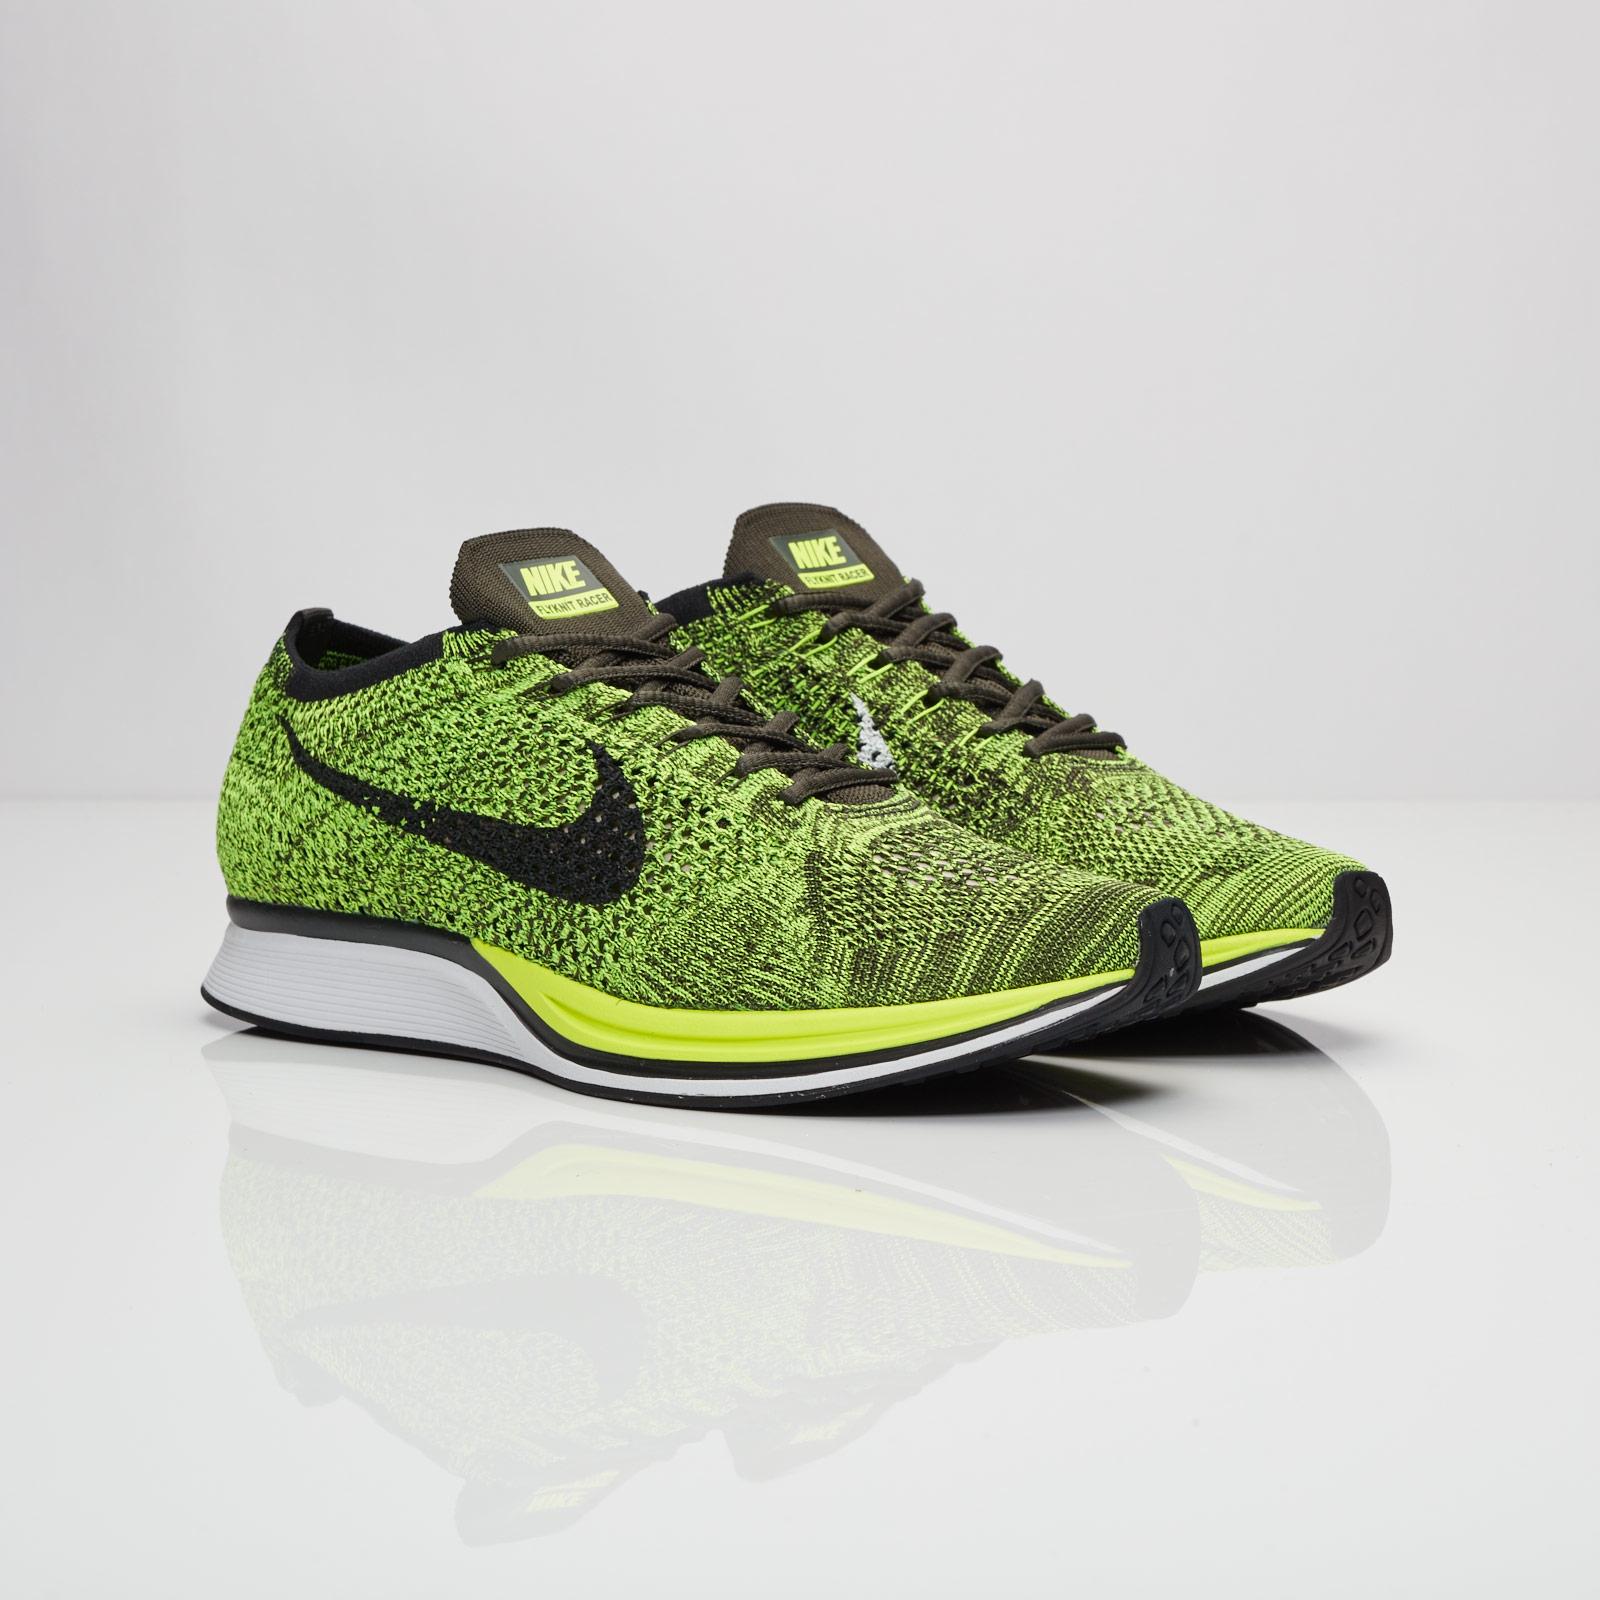 9d12e17dfbd1 Nike Flyknit Racer - 526628-731 - Sneakersnstuff